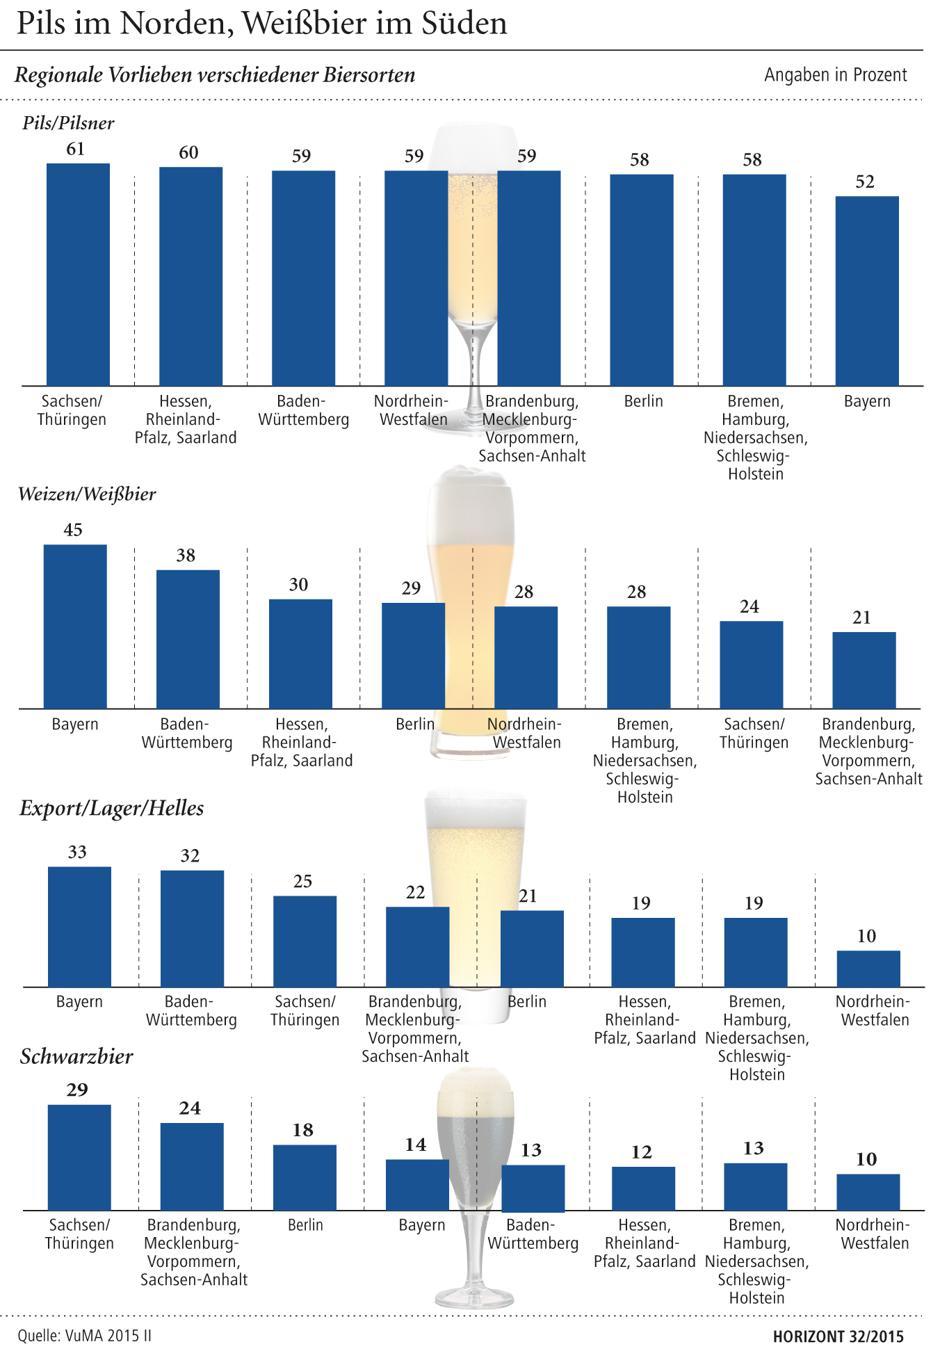 ... dein Bier - wie sich das Konsumverhalten der Deutschen unterscheidet